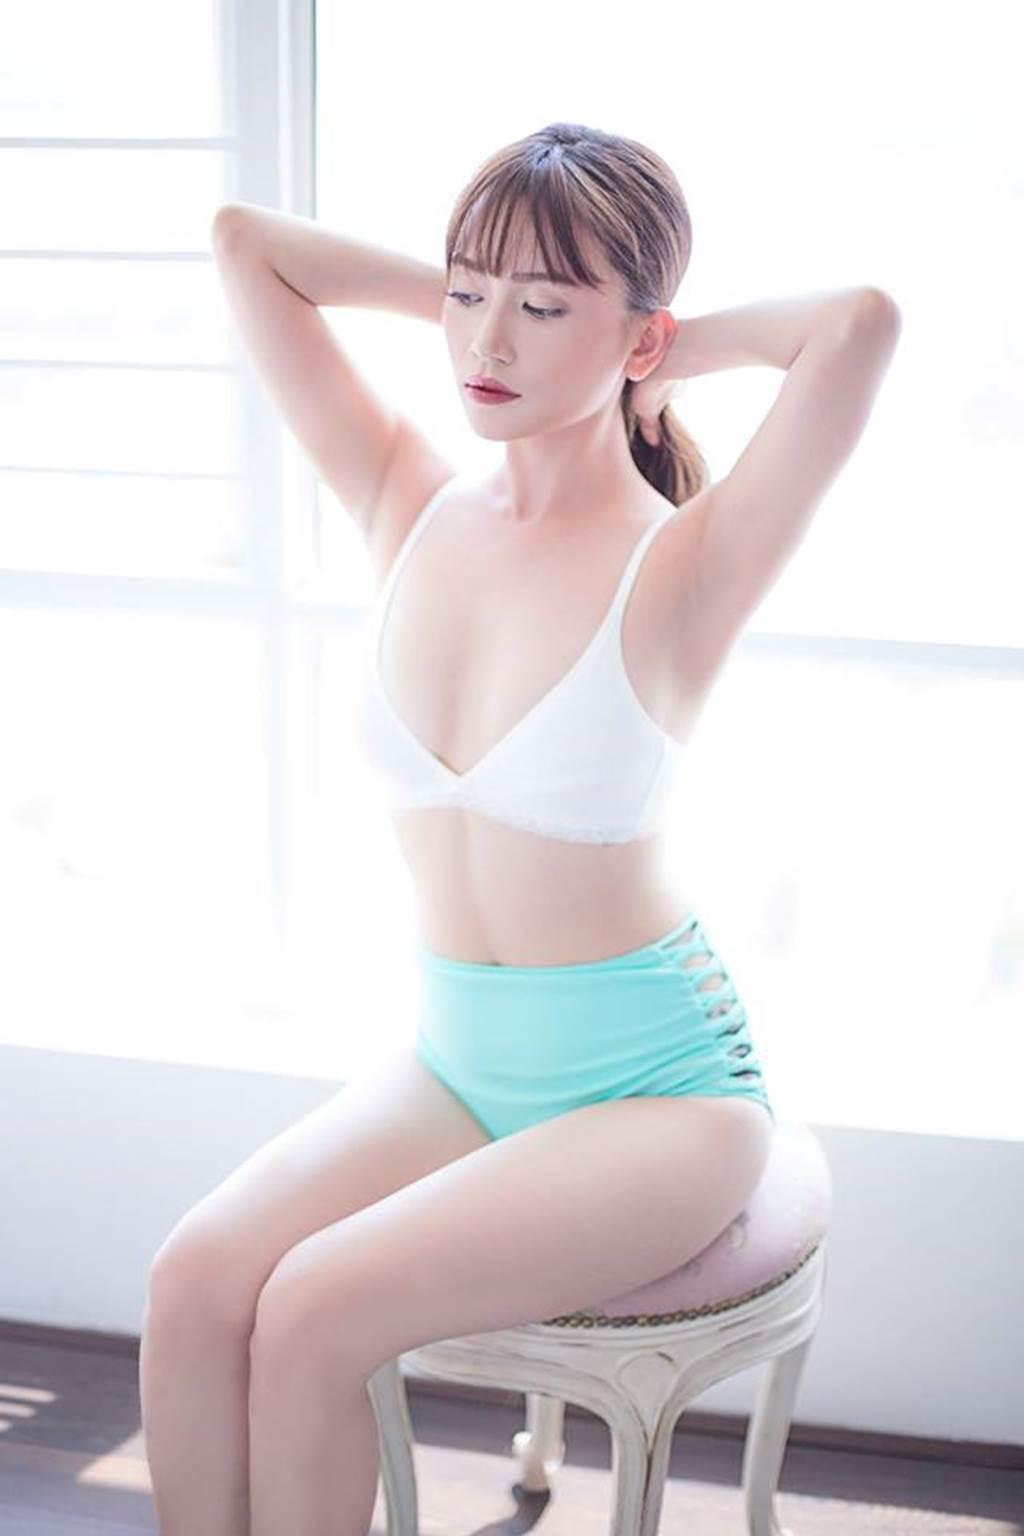 Sĩ Thanh mặc bikini gợi cảm hút mắt ở bể bơi, fan khen hết lời-6